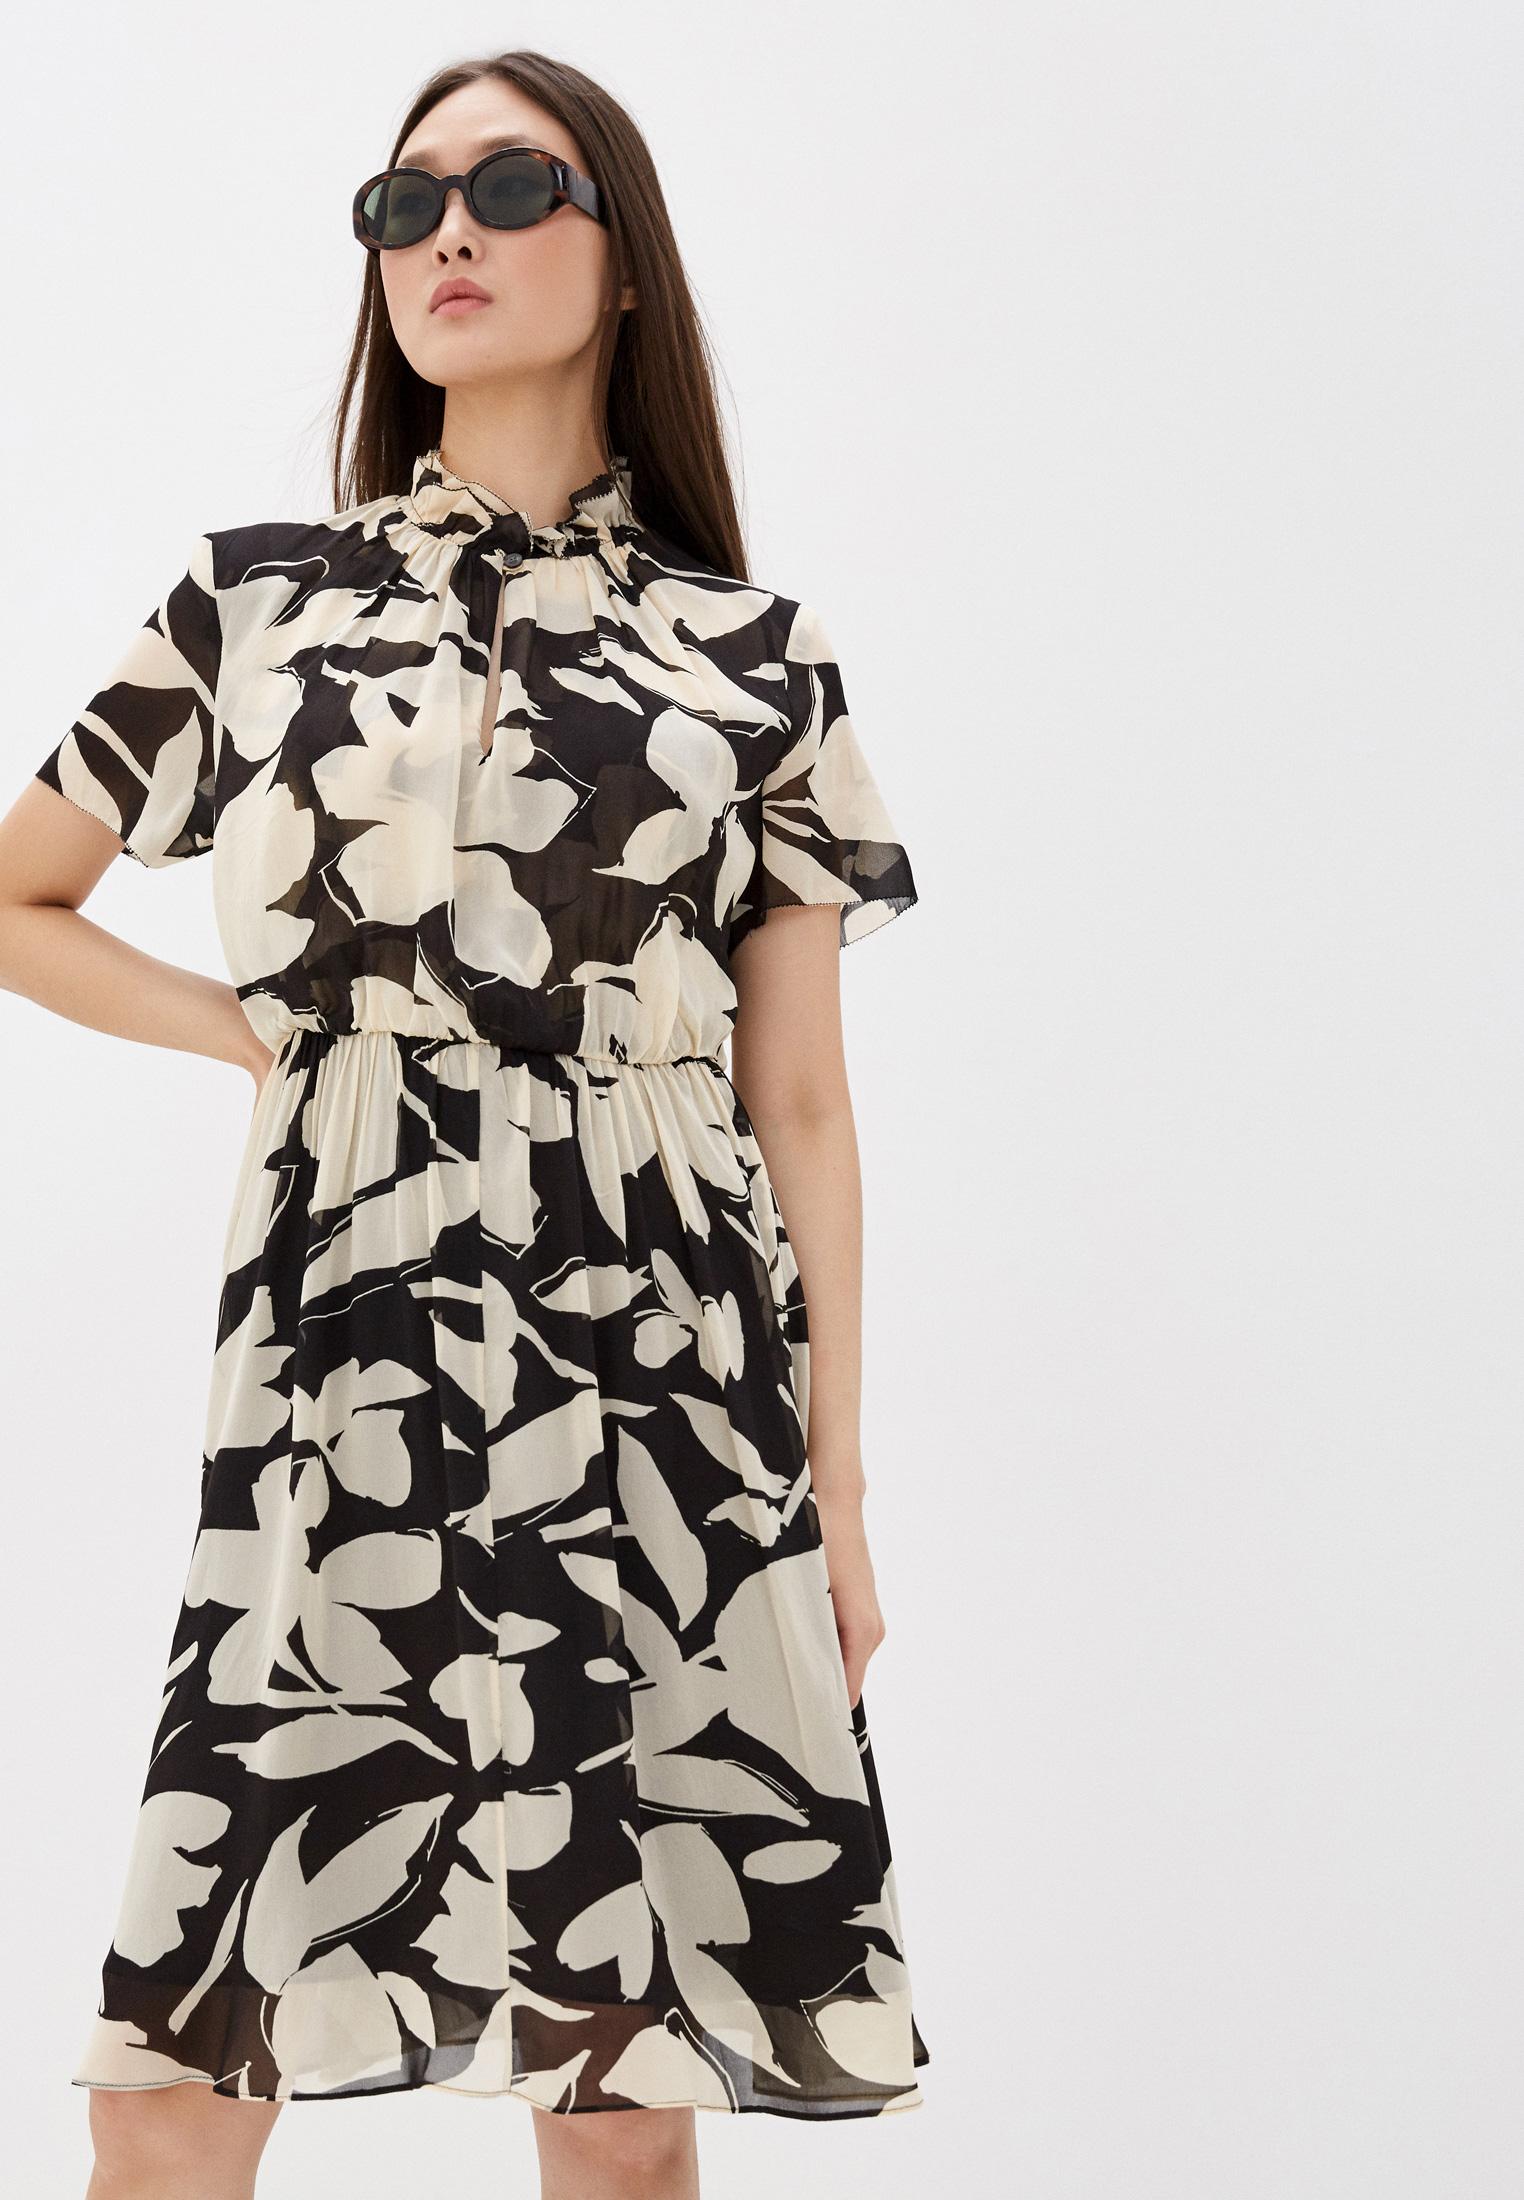 Повседневное платье Calvin Klein (Кельвин Кляйн) K20k201895: изображение 1